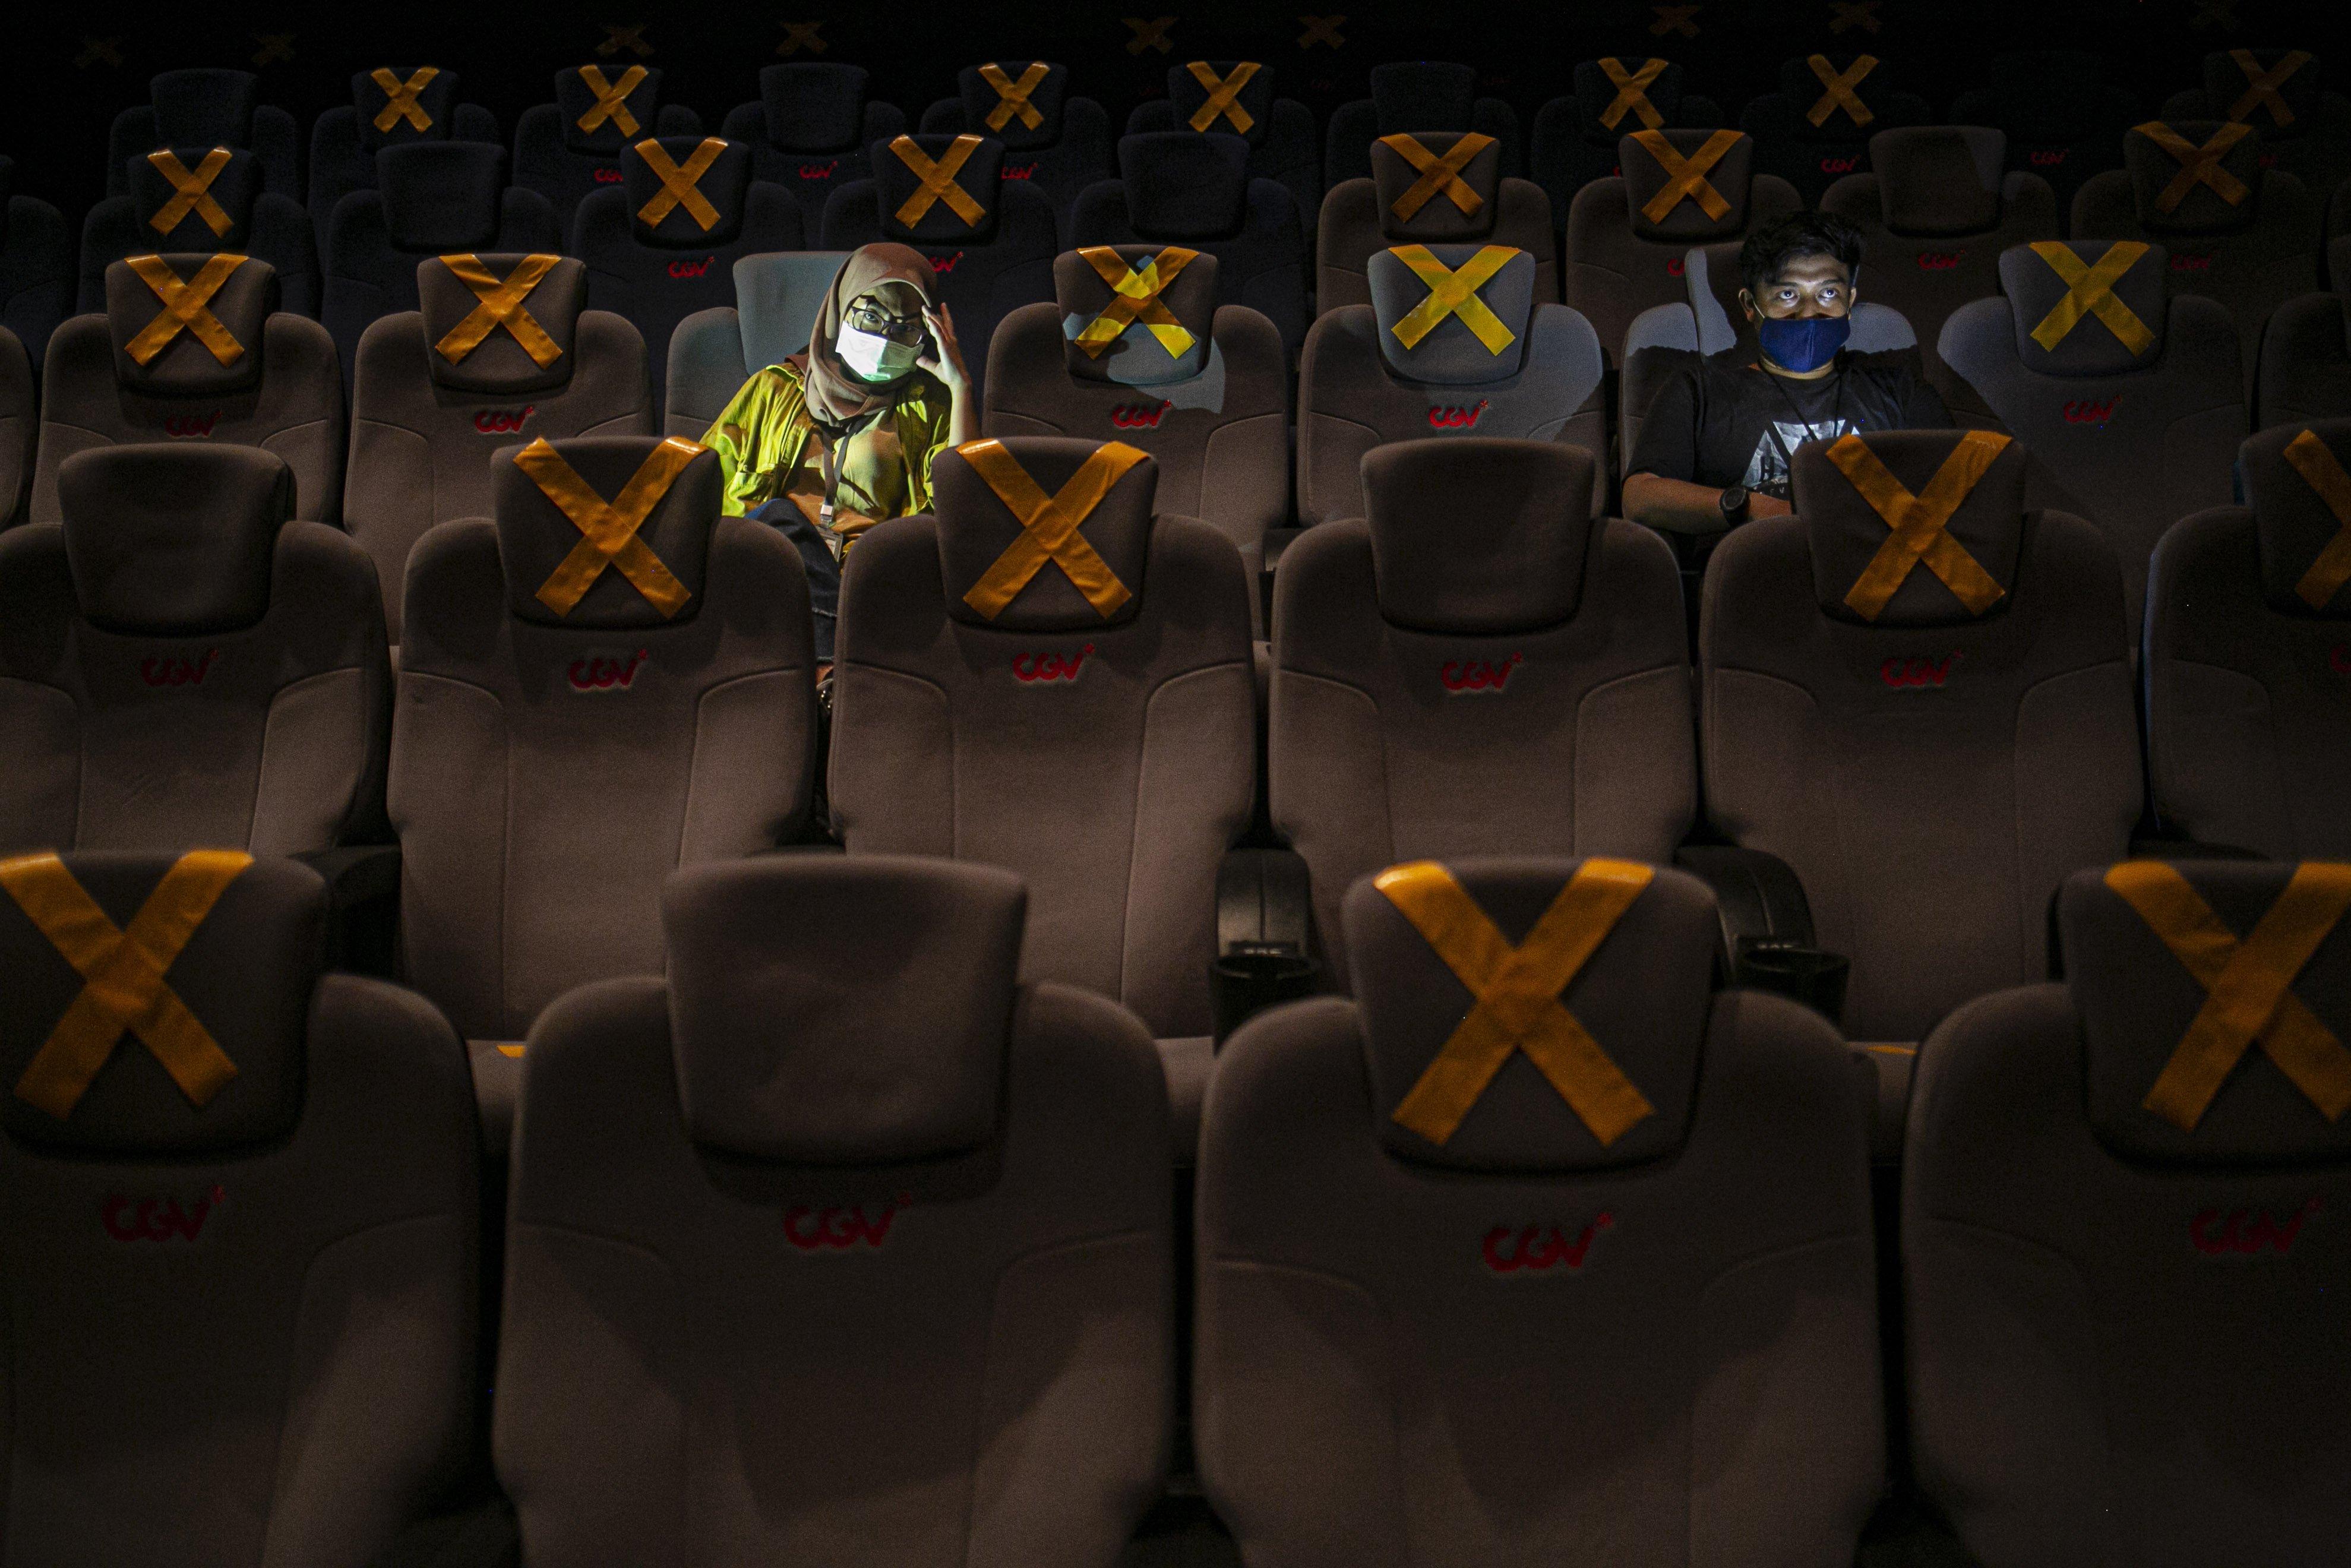 Petugas memasang tanda jaga jarak di bioskop CGV Grand Indonesia Jakarta Pusat, Rabu, (21/10/2020). Sejumlah bioskop di Ibu Kota kembali beroperasi per hari Rabu (21/10/2020) setelah mendapatkan izin dari Pemprov DKI Jakarta dengan jumlah penonton dibatasi maksimal 25 persen dari total kapasitas. Pihak bioskop menerapkan protokol kesehatan yang ketat dan tidak memperkenankan pengunjung untuk makan di dalam ruang bioskop.